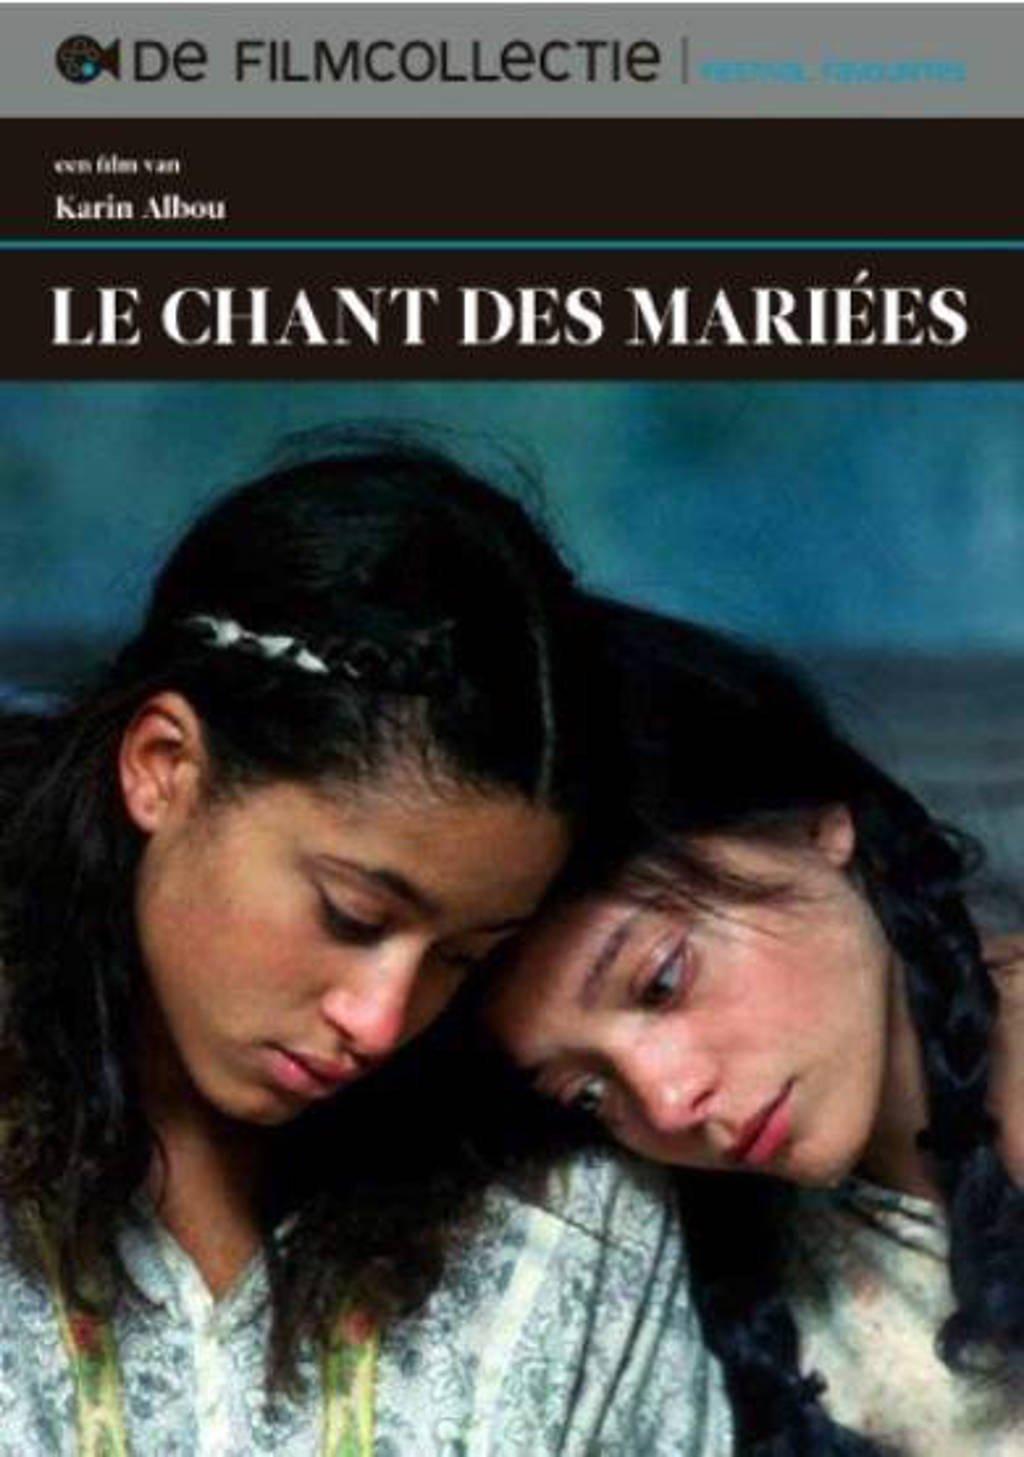 Le chant des mariees (DVD)